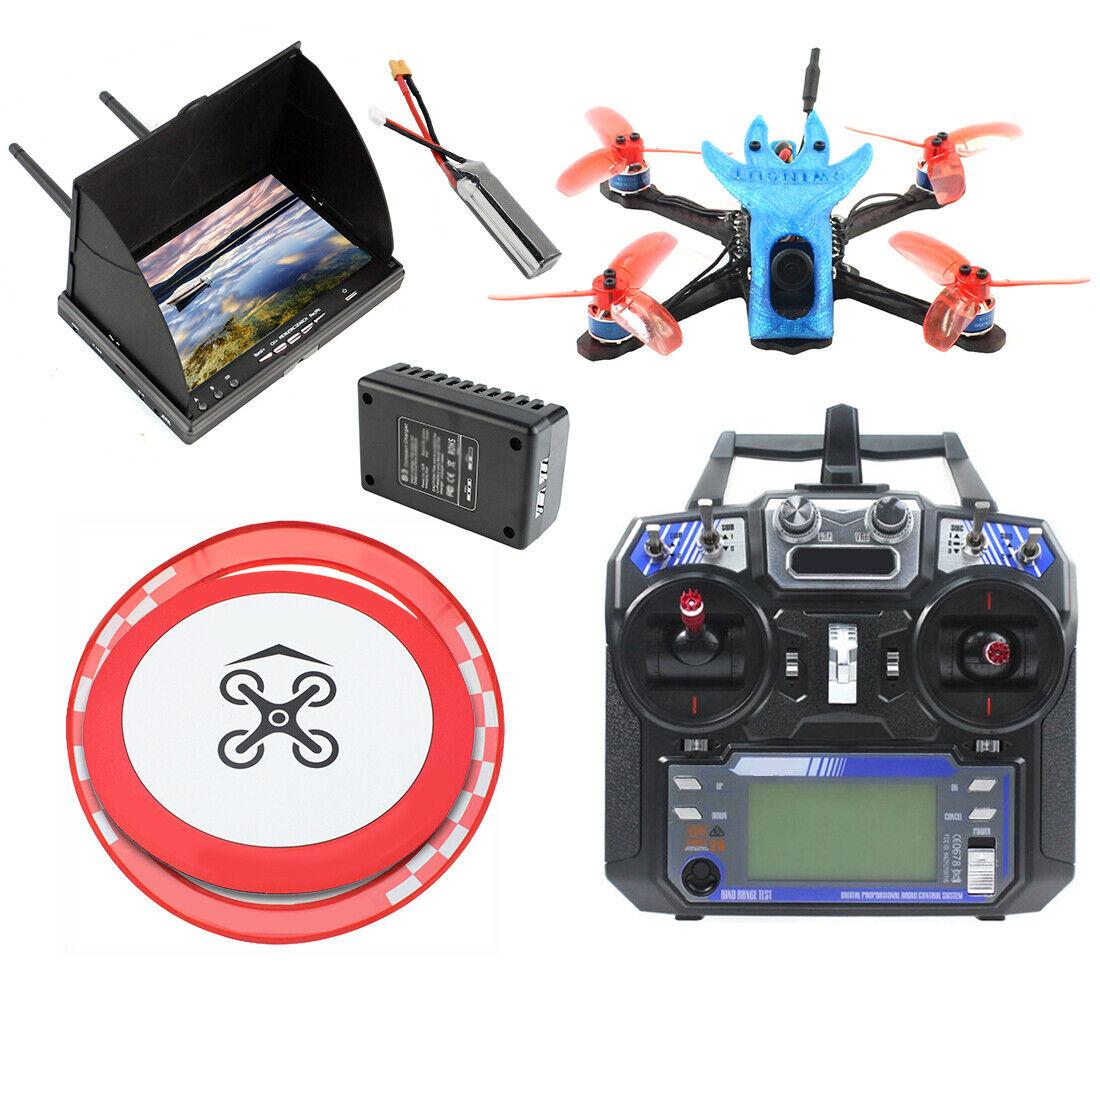 disegni esclusivi QWinOut FPV Racing Drone Flycielo FS I6 I6 I6 Transmitter FS-A8S Receiver FPV Display  Sconto del 70% a buon mercato